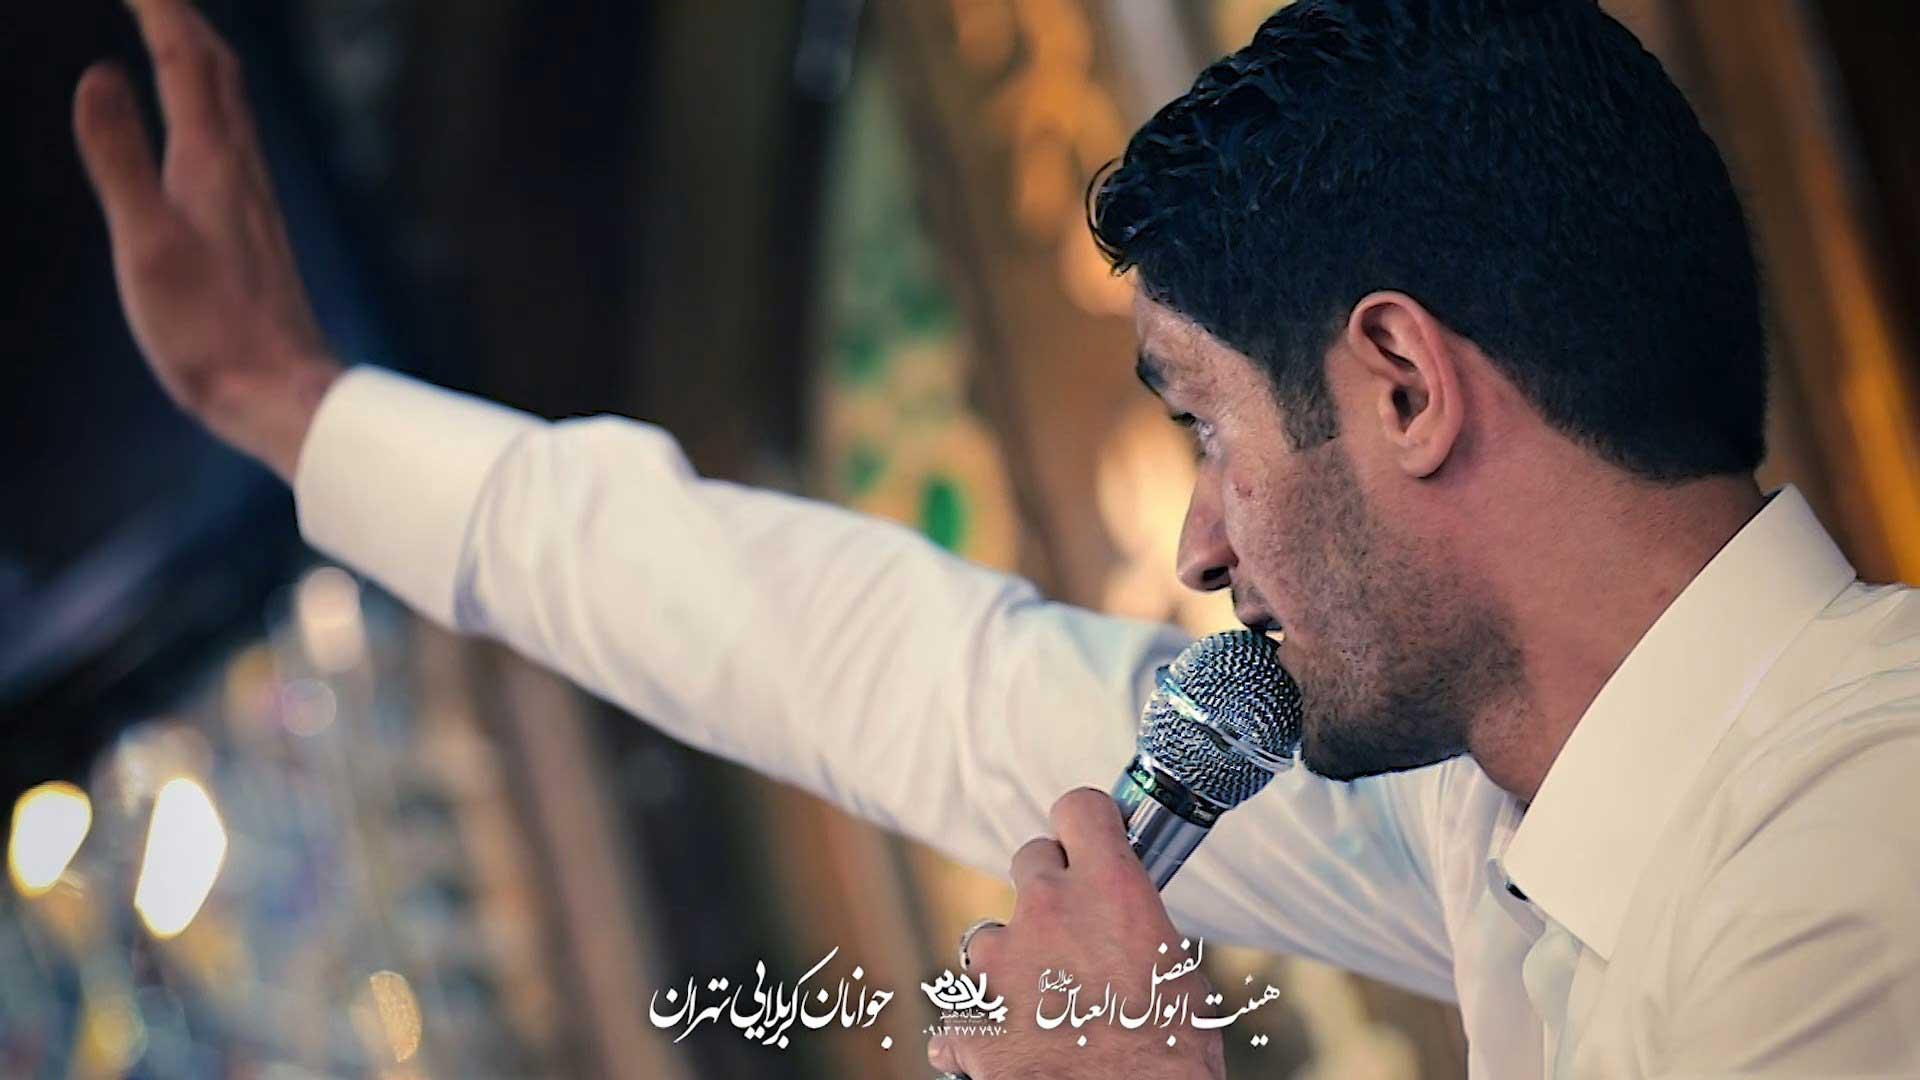 گرفته بیت حق محسن عراقی